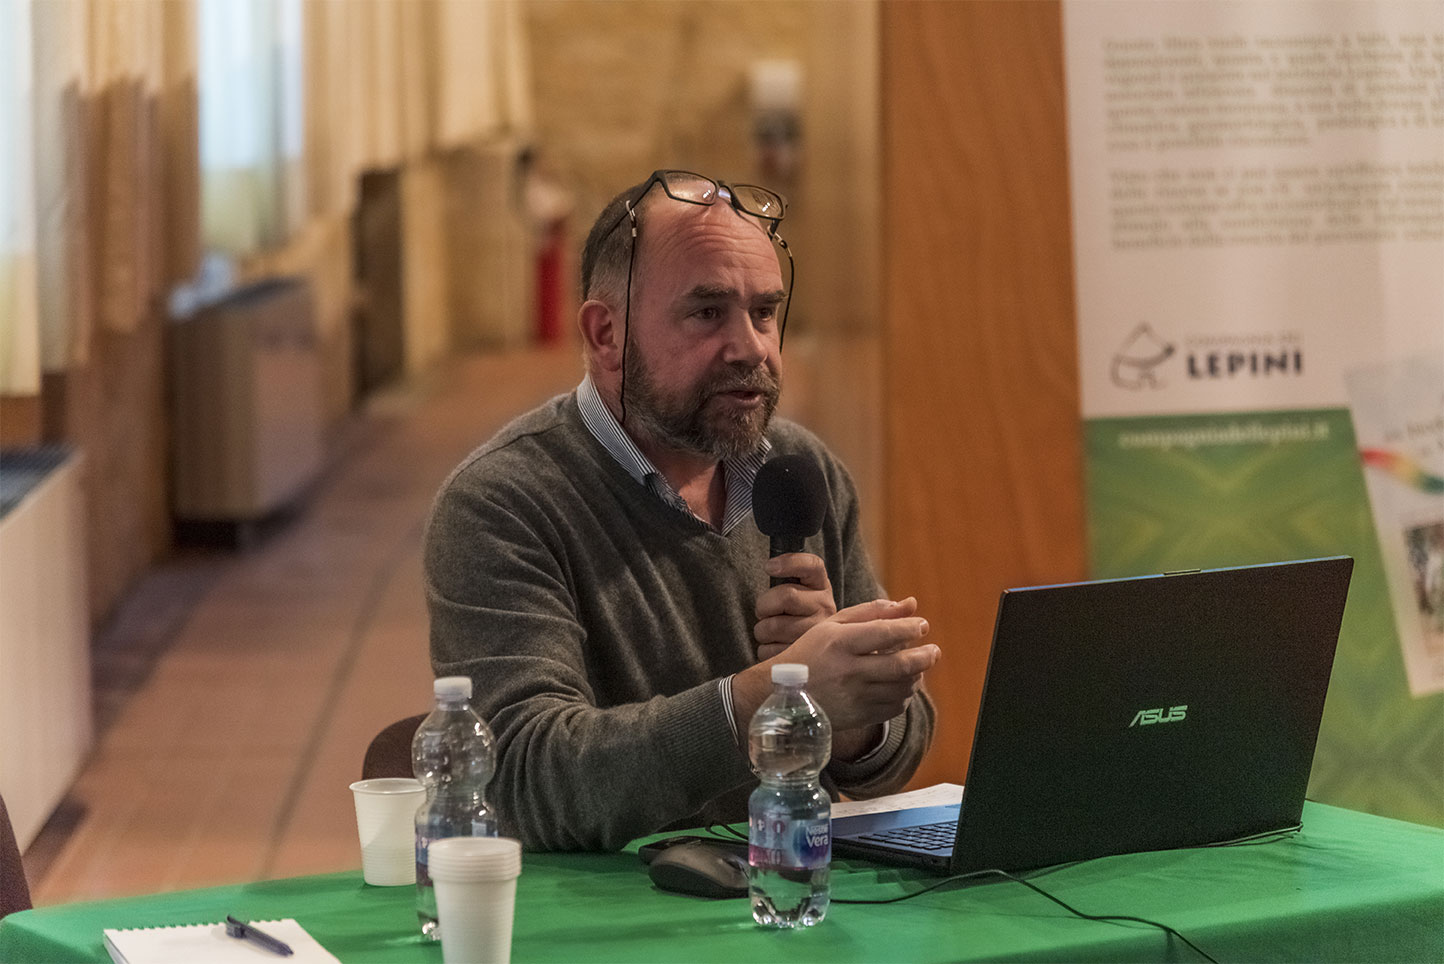 compagnia-dei-lepini-convegno-biodiversita-25-01-2020-107